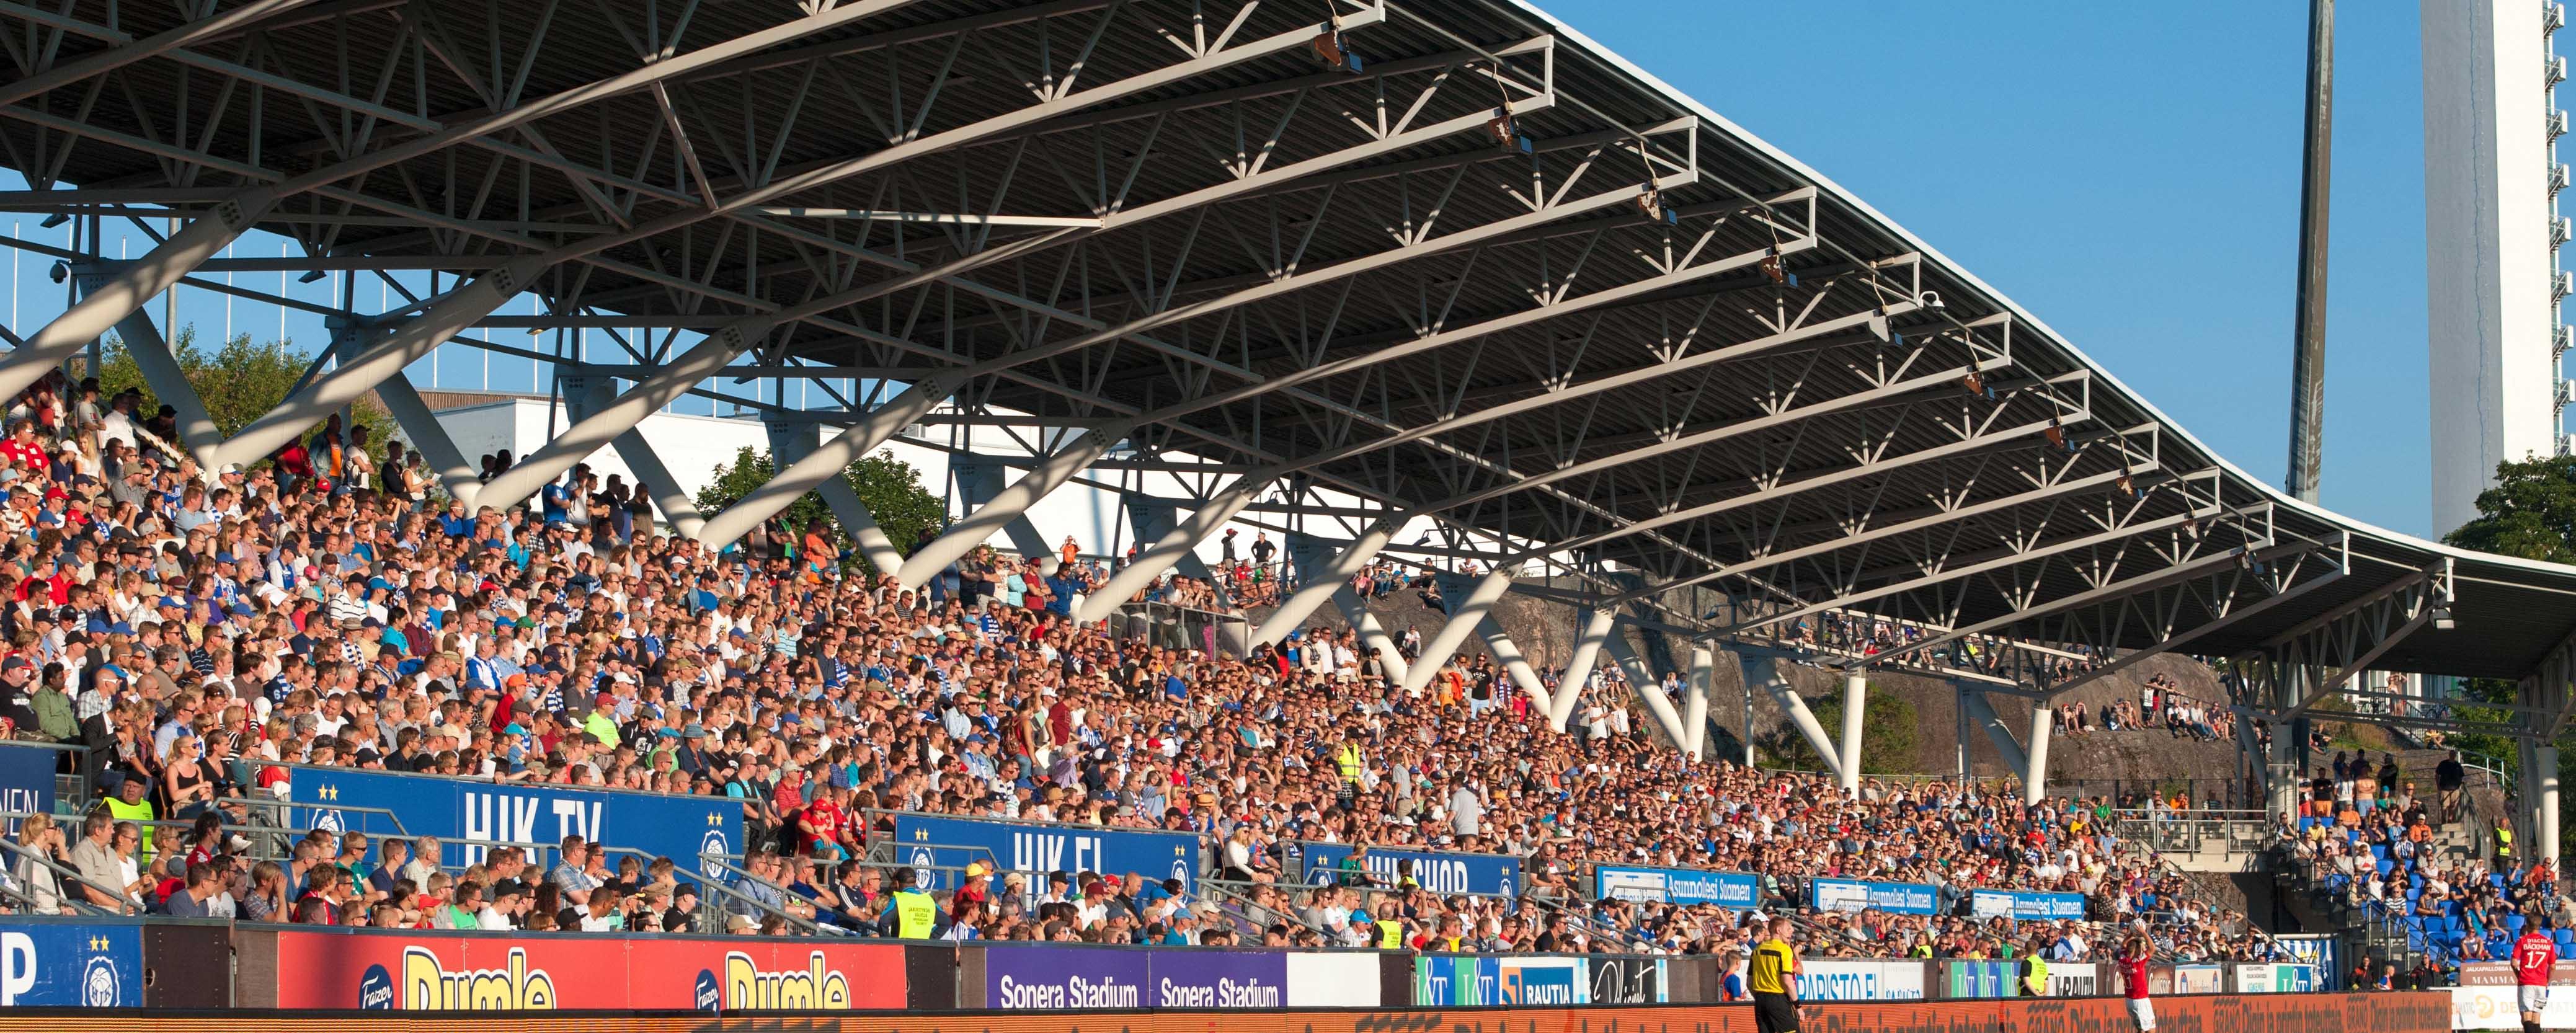 HJK Helsinki - Helsinki IFK 1:1 (1:0)